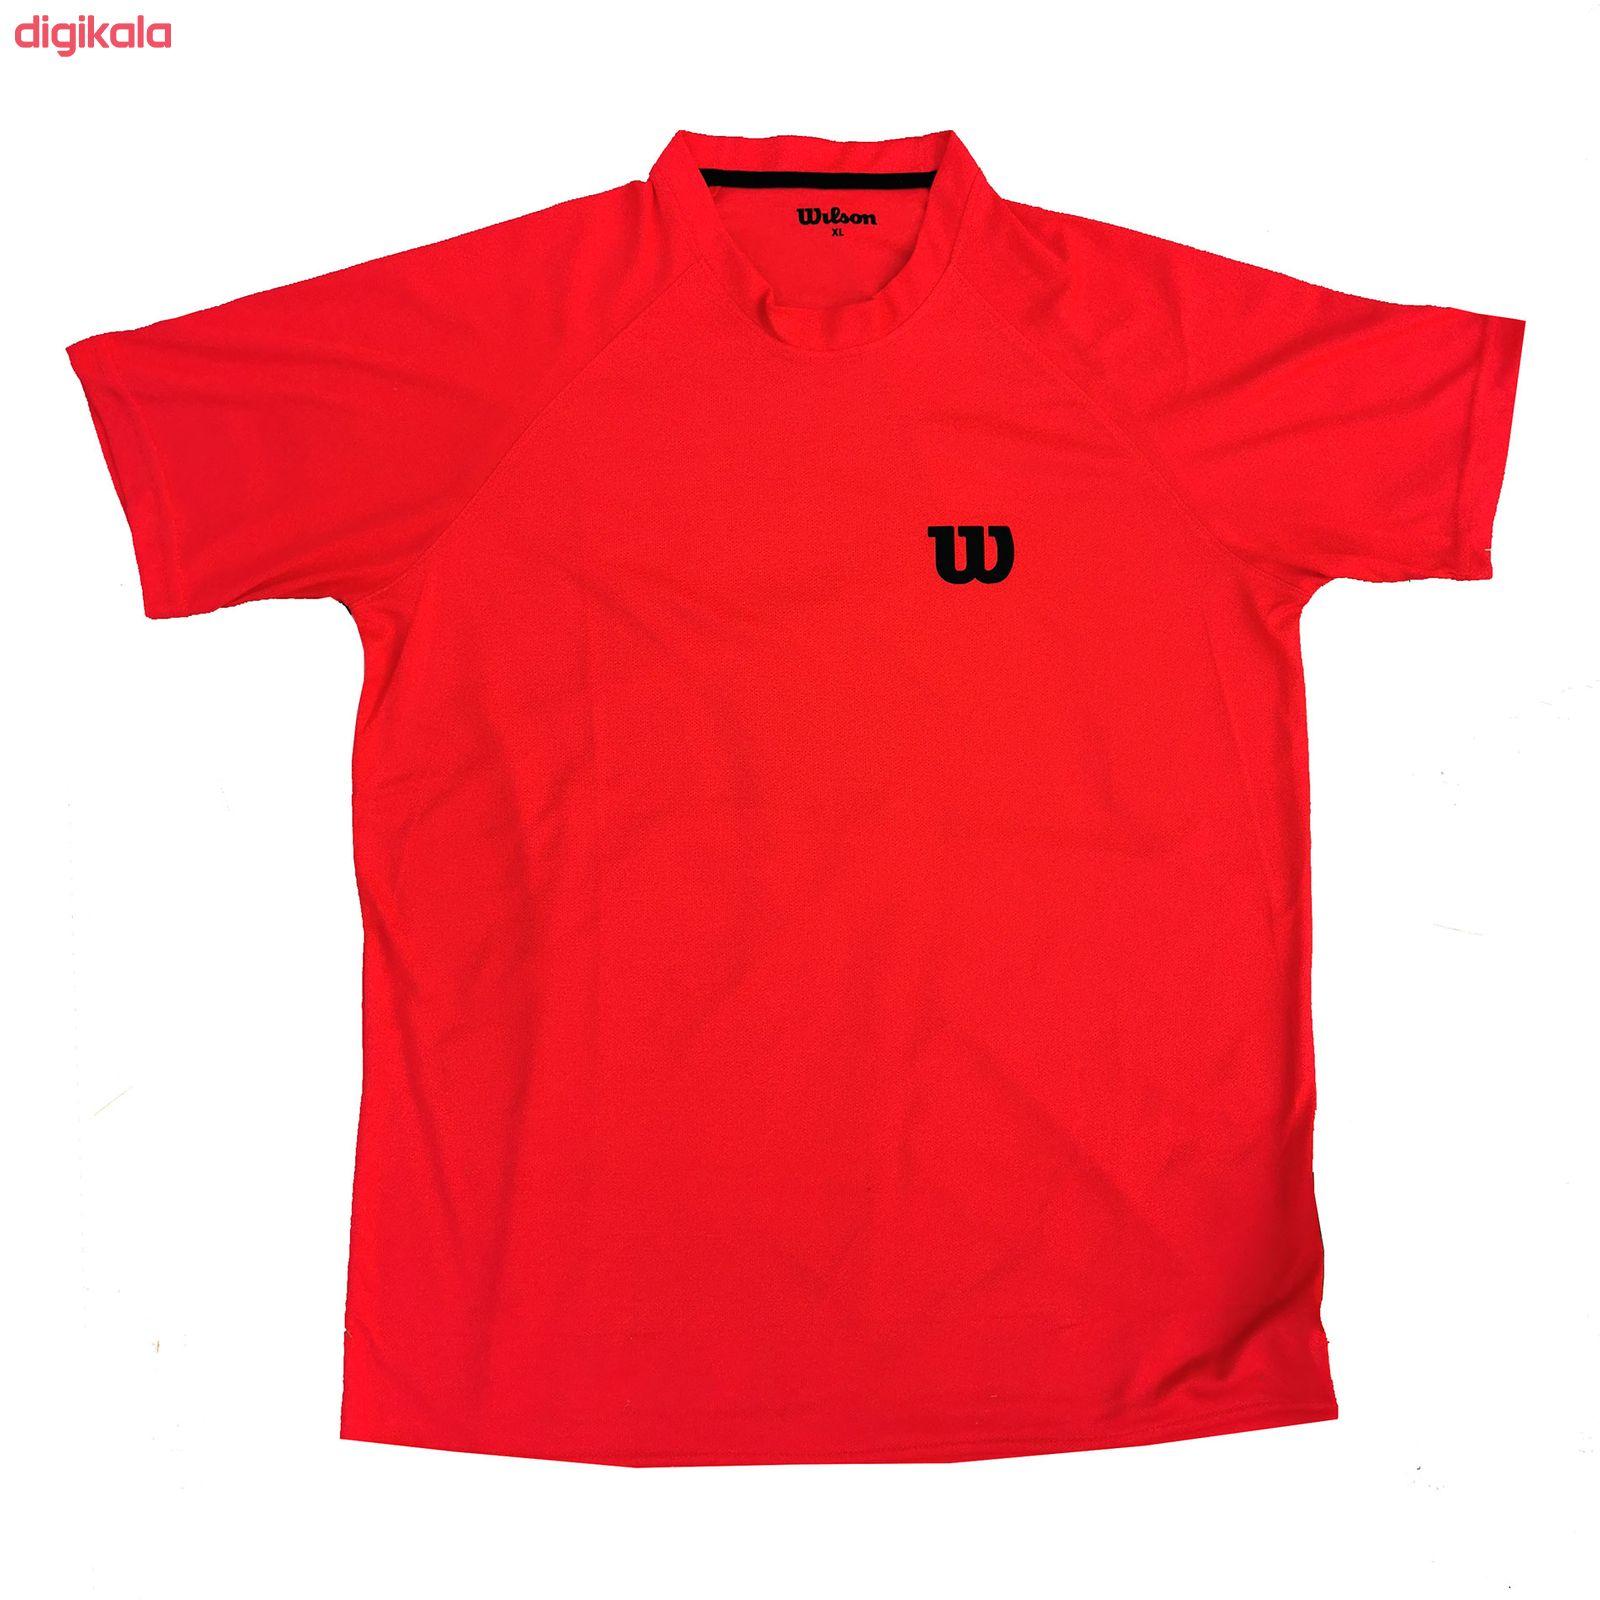 تیشرت آستین کوتاه مردانه ویلسون مدل ریتا کد 2 main 1 2